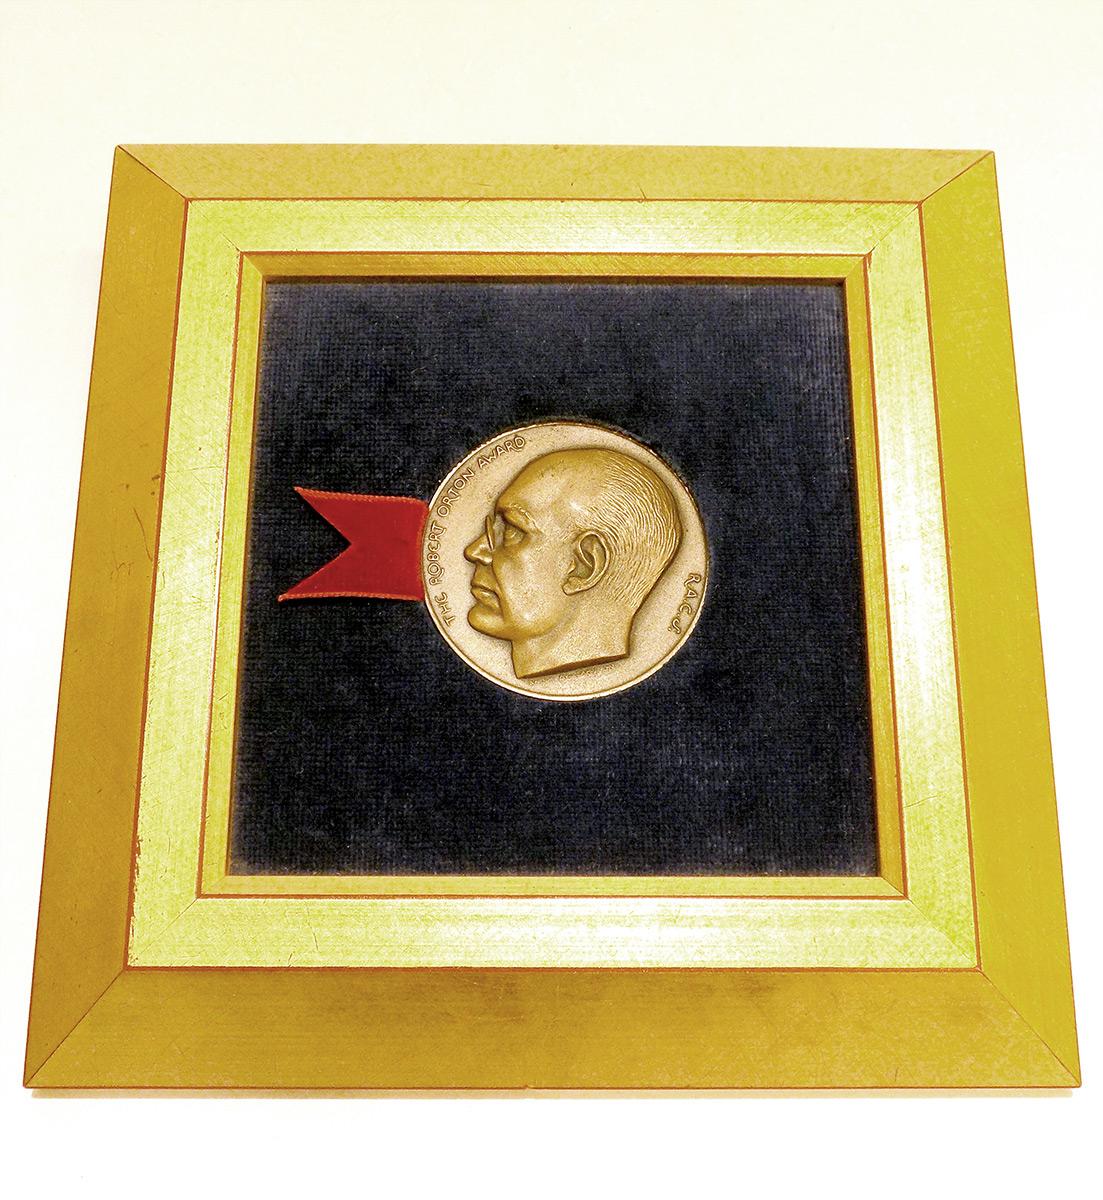 Robert Orton Medal in frame